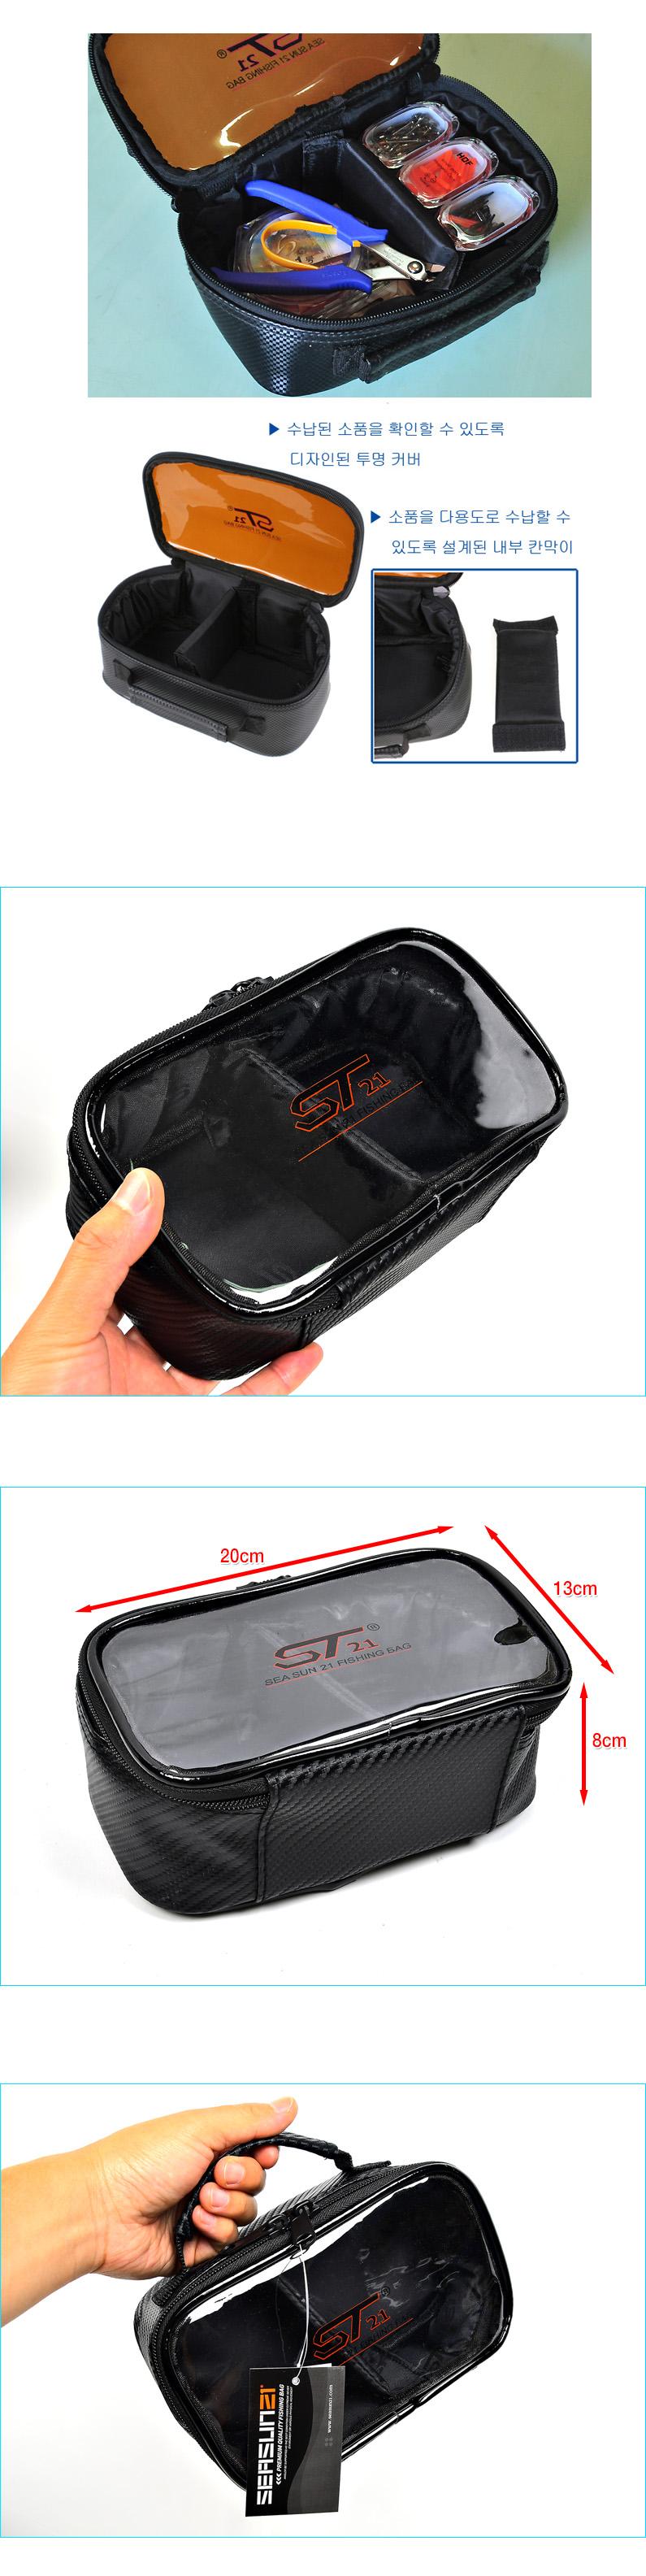 시선21 멀티소품가방.jpg